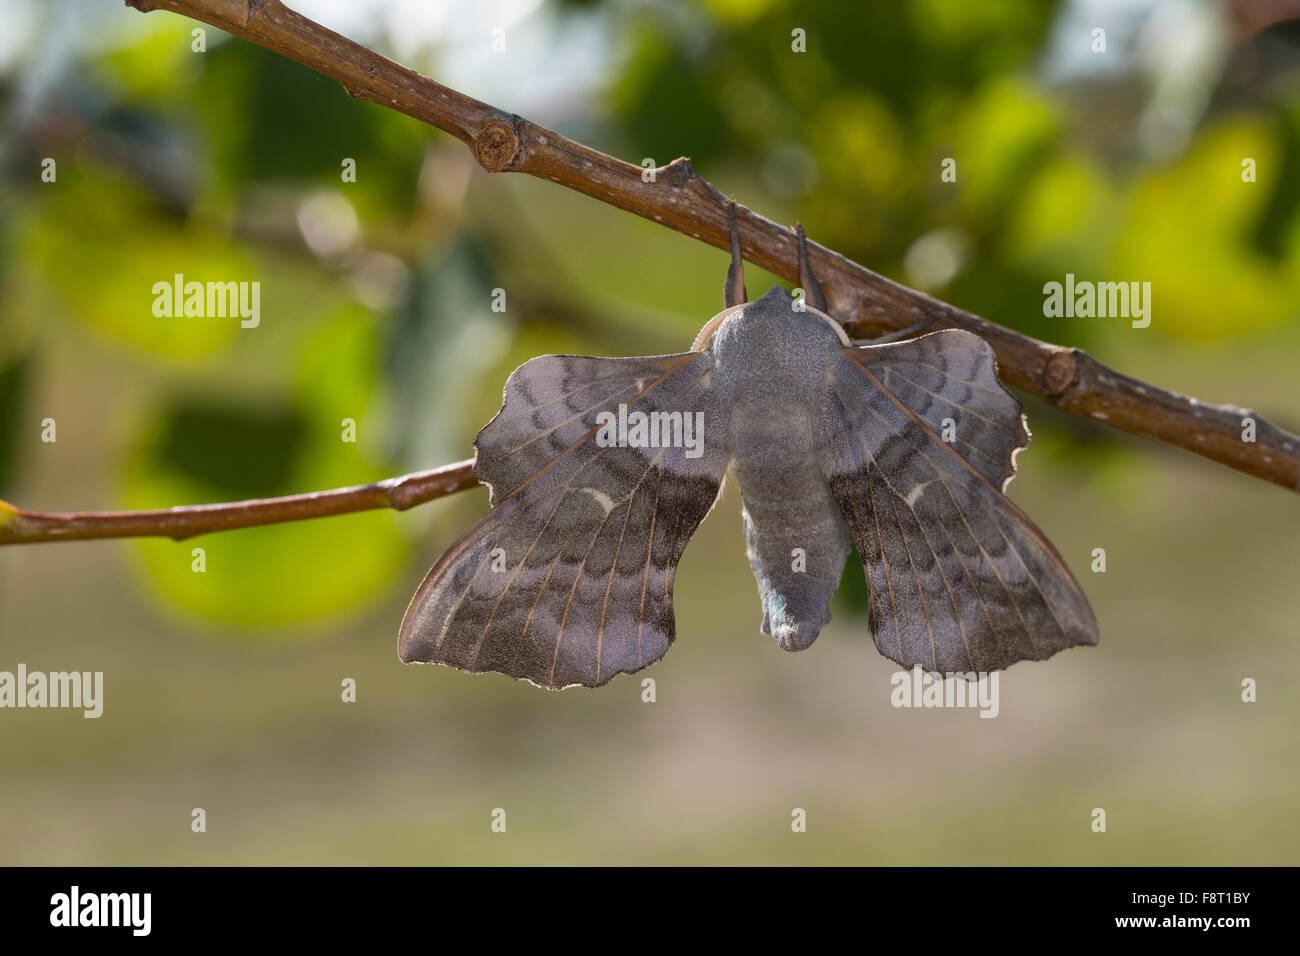 Poplar Hawk-moth, Poplar Hawkmoth, male, Pappelschwärmer, Männchen, Pappel-Schwärmer, Laothoe populi, - Stock Image